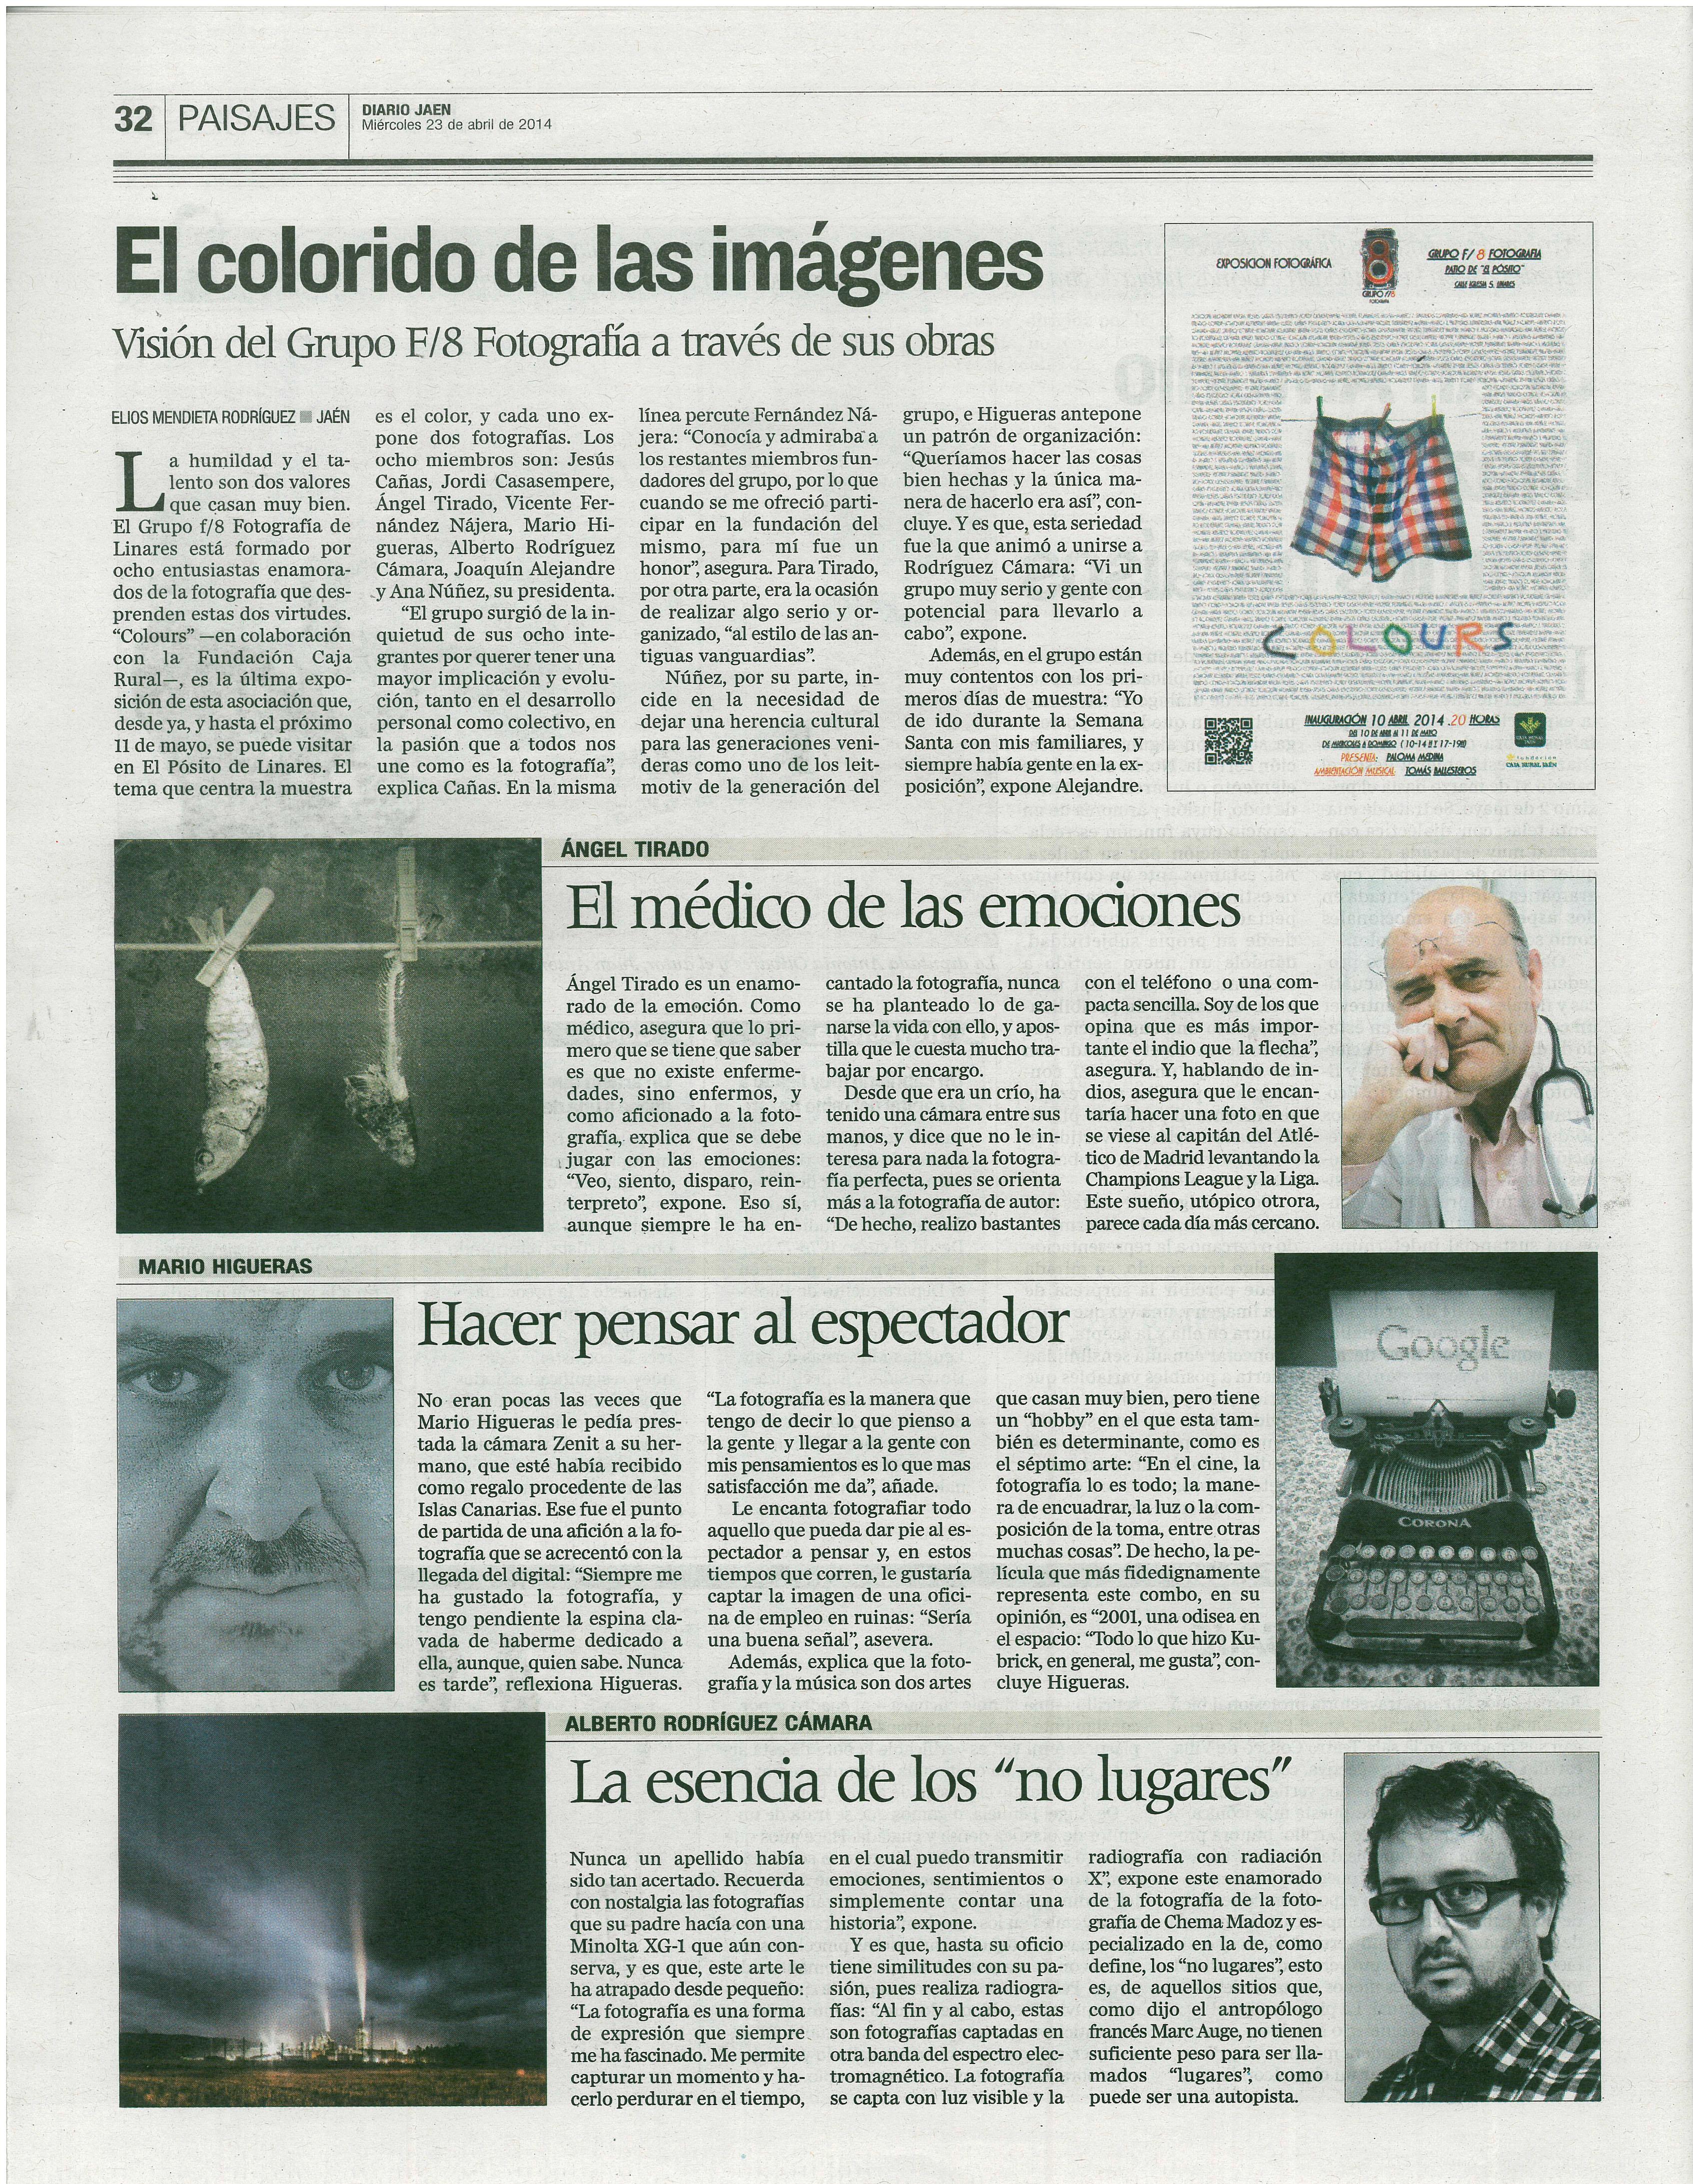 Diario Jaén - Suplemento (I)